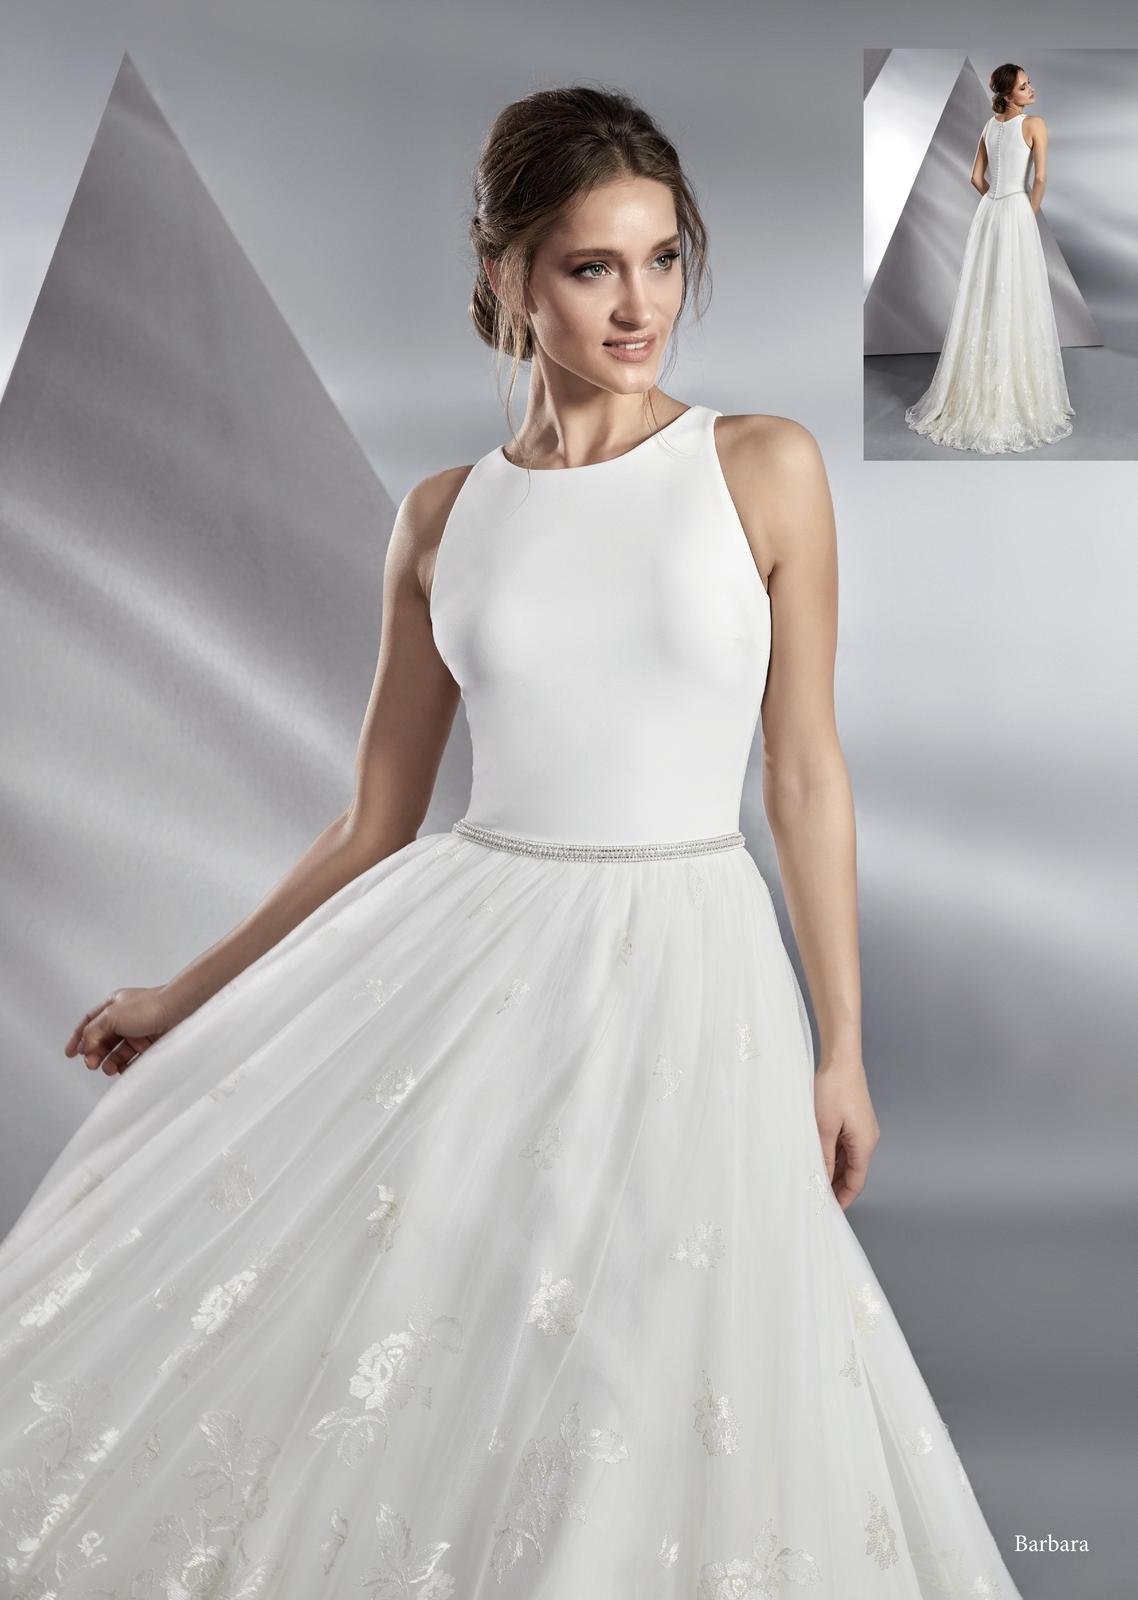 Milé nevěsty, kolekce Modeca 2018 na Vás již čeká! - Obrázek č. 37